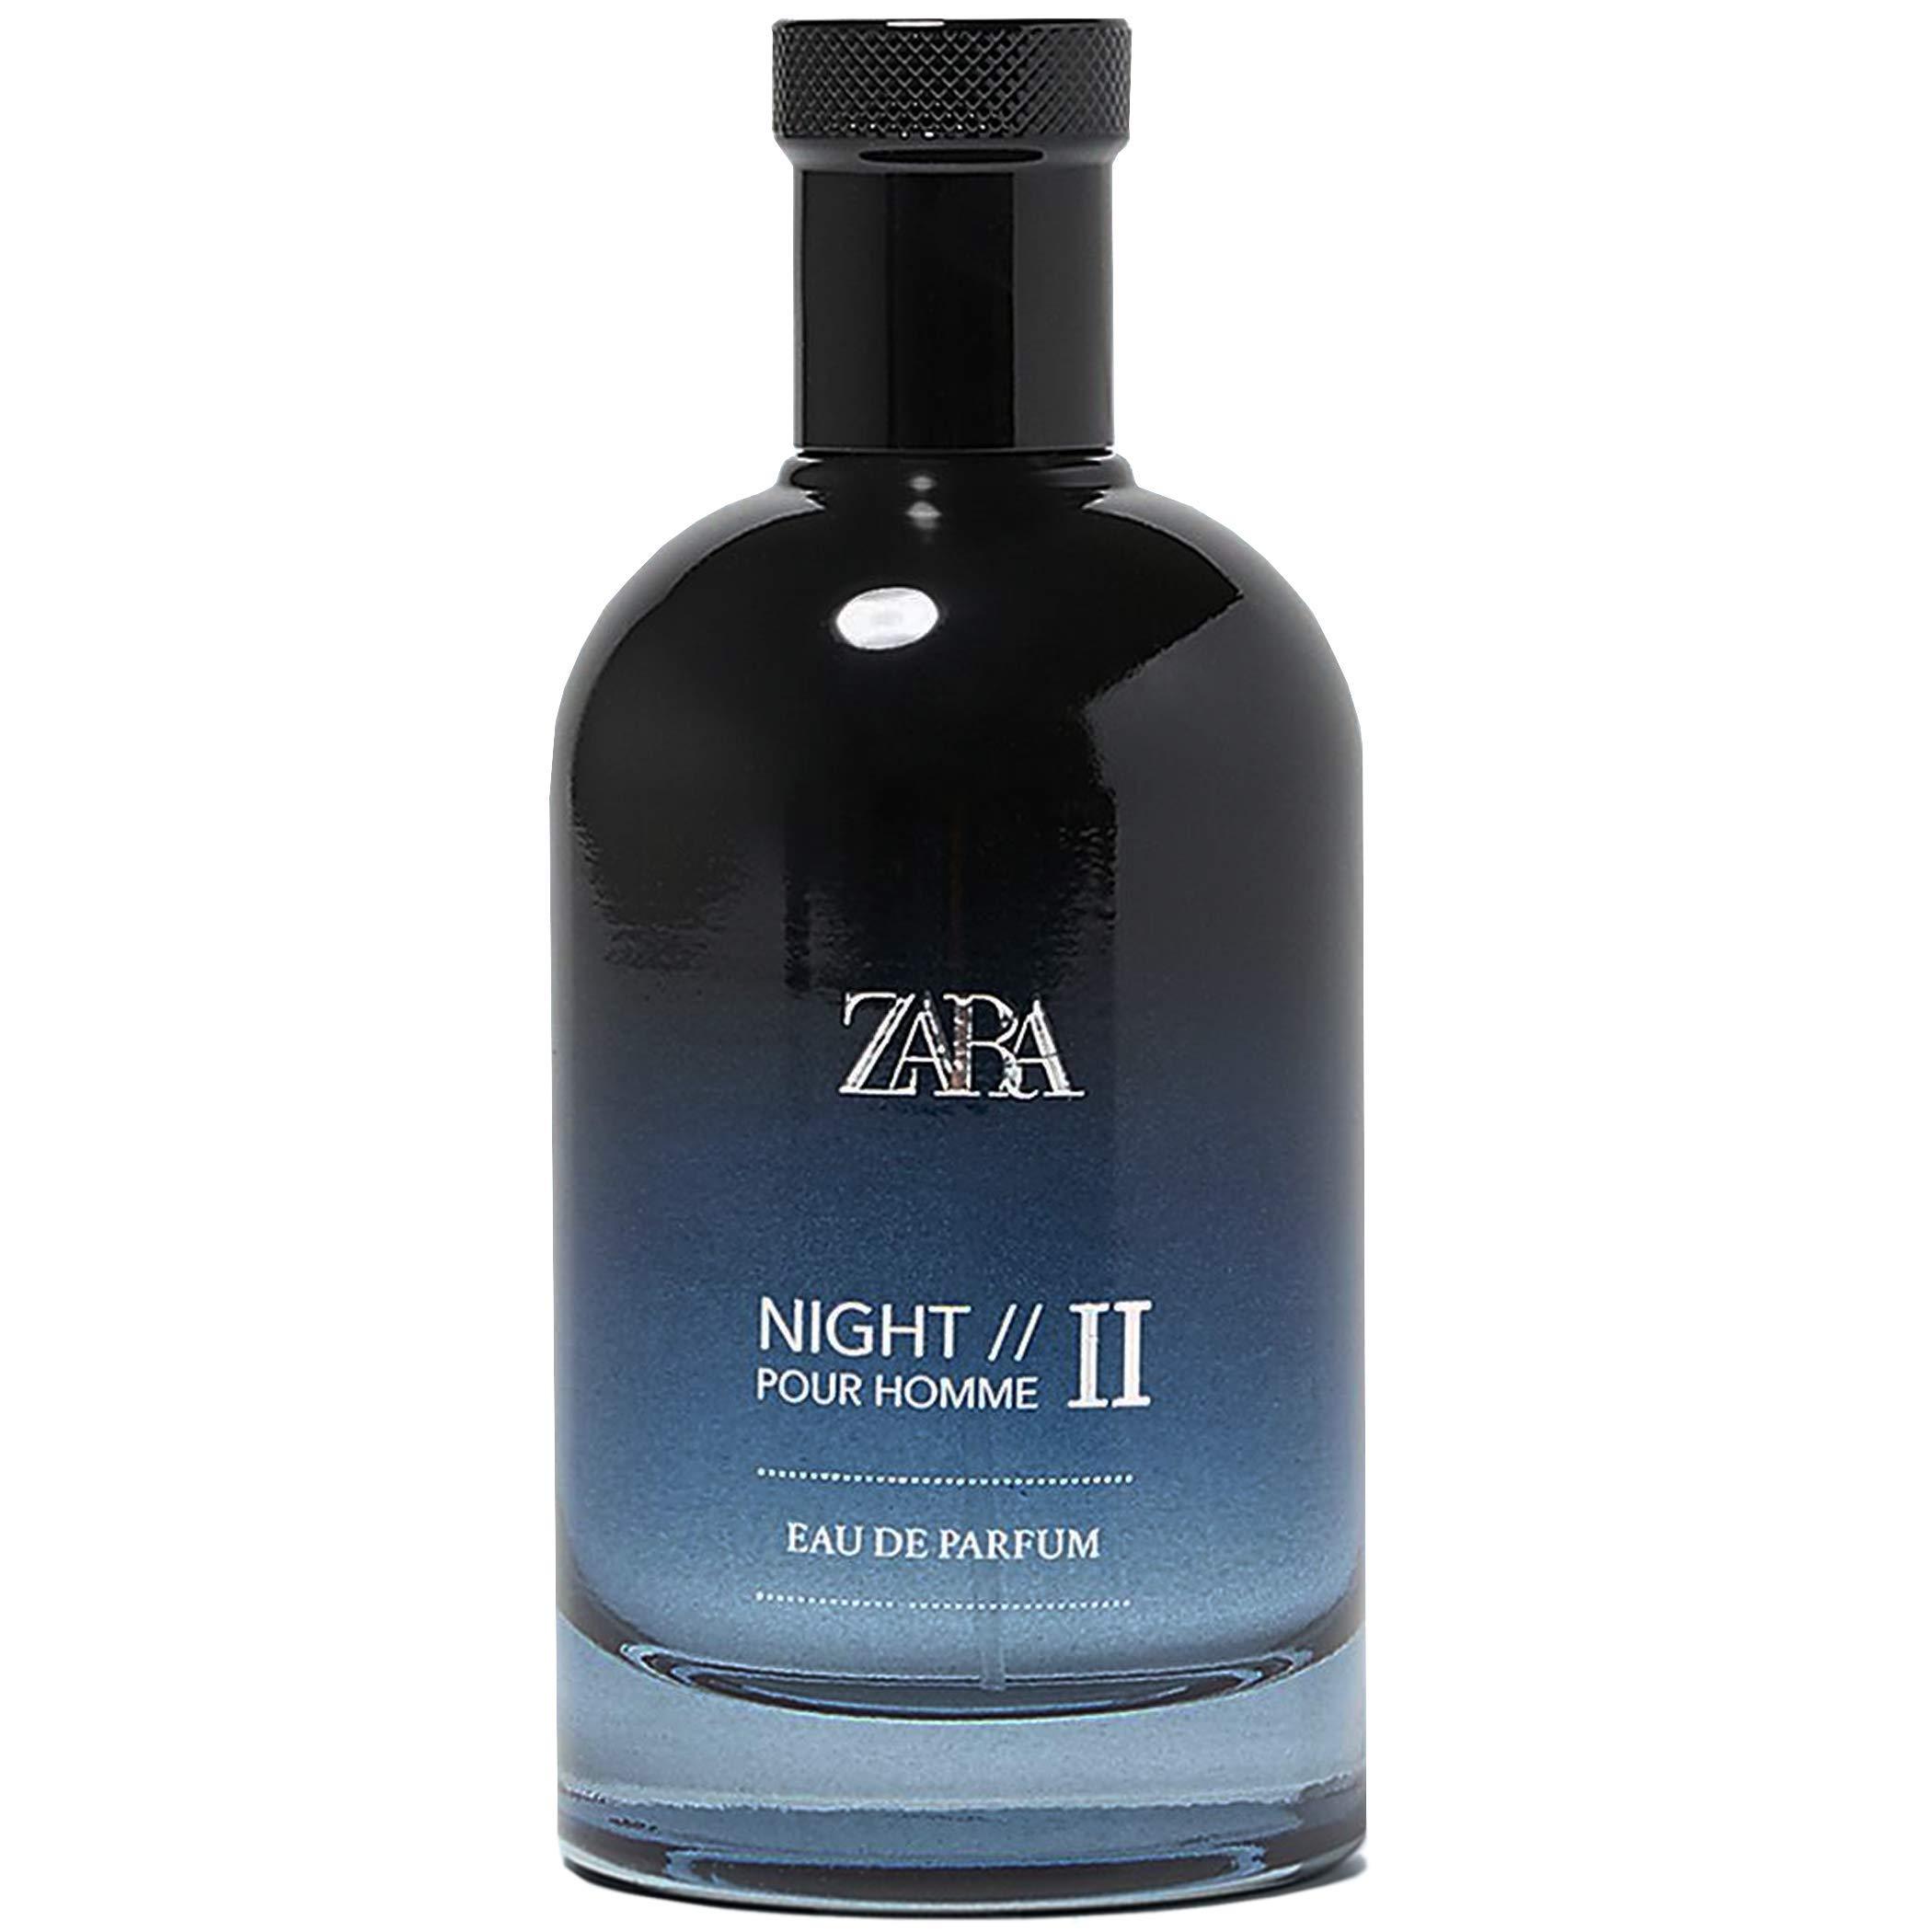 Zara Night // Pour Homme II 3.4 FL.OZ